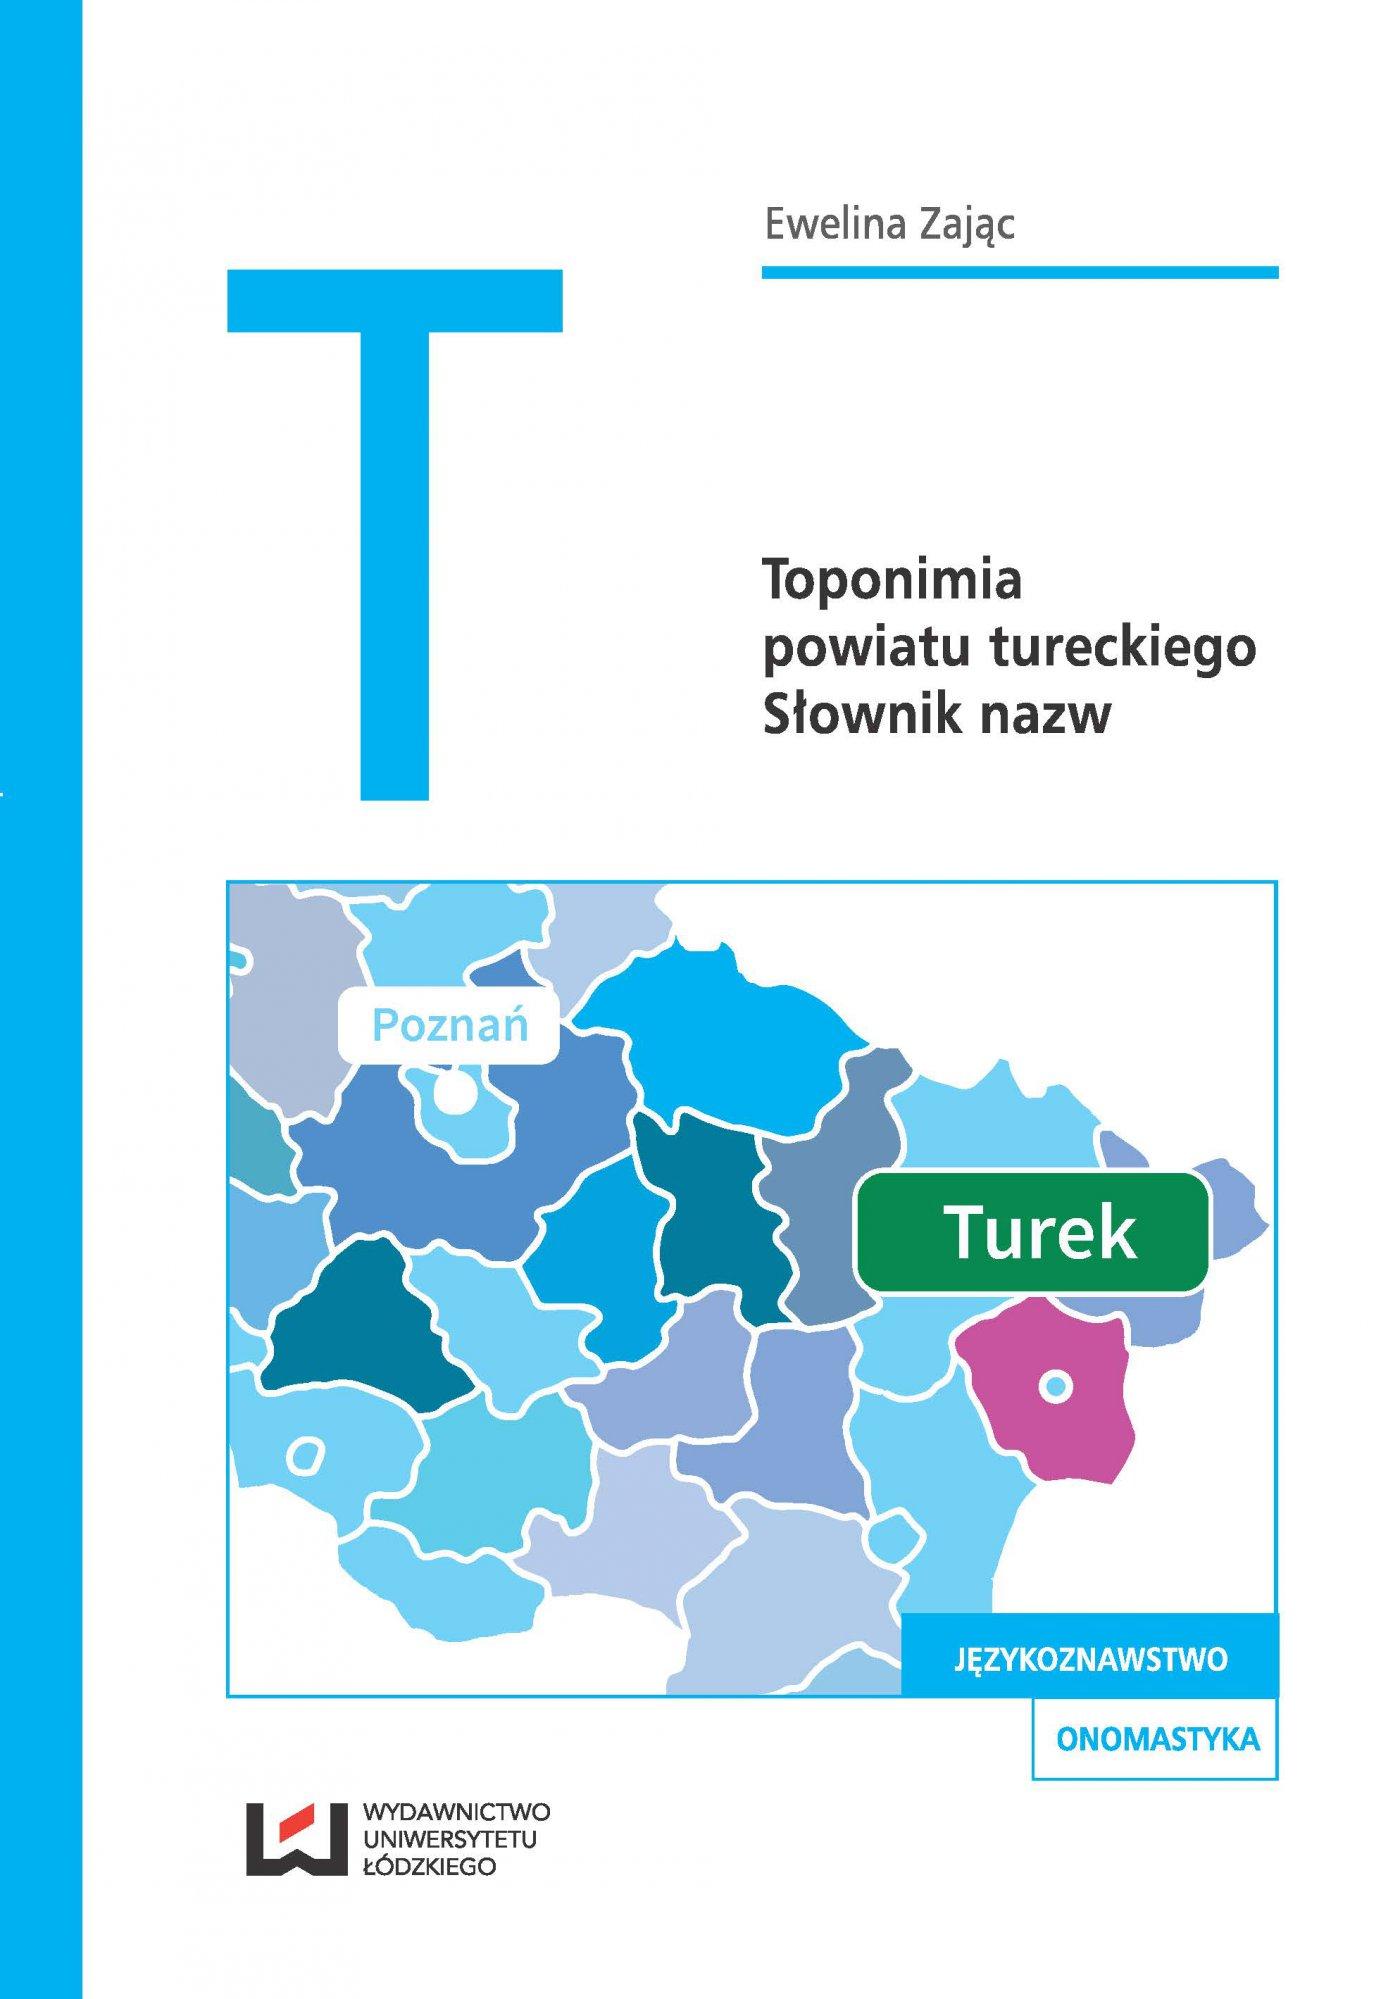 Toponimia powiatu tureckiego. Słownik nazw - Ebook (Książka PDF) do pobrania w formacie PDF